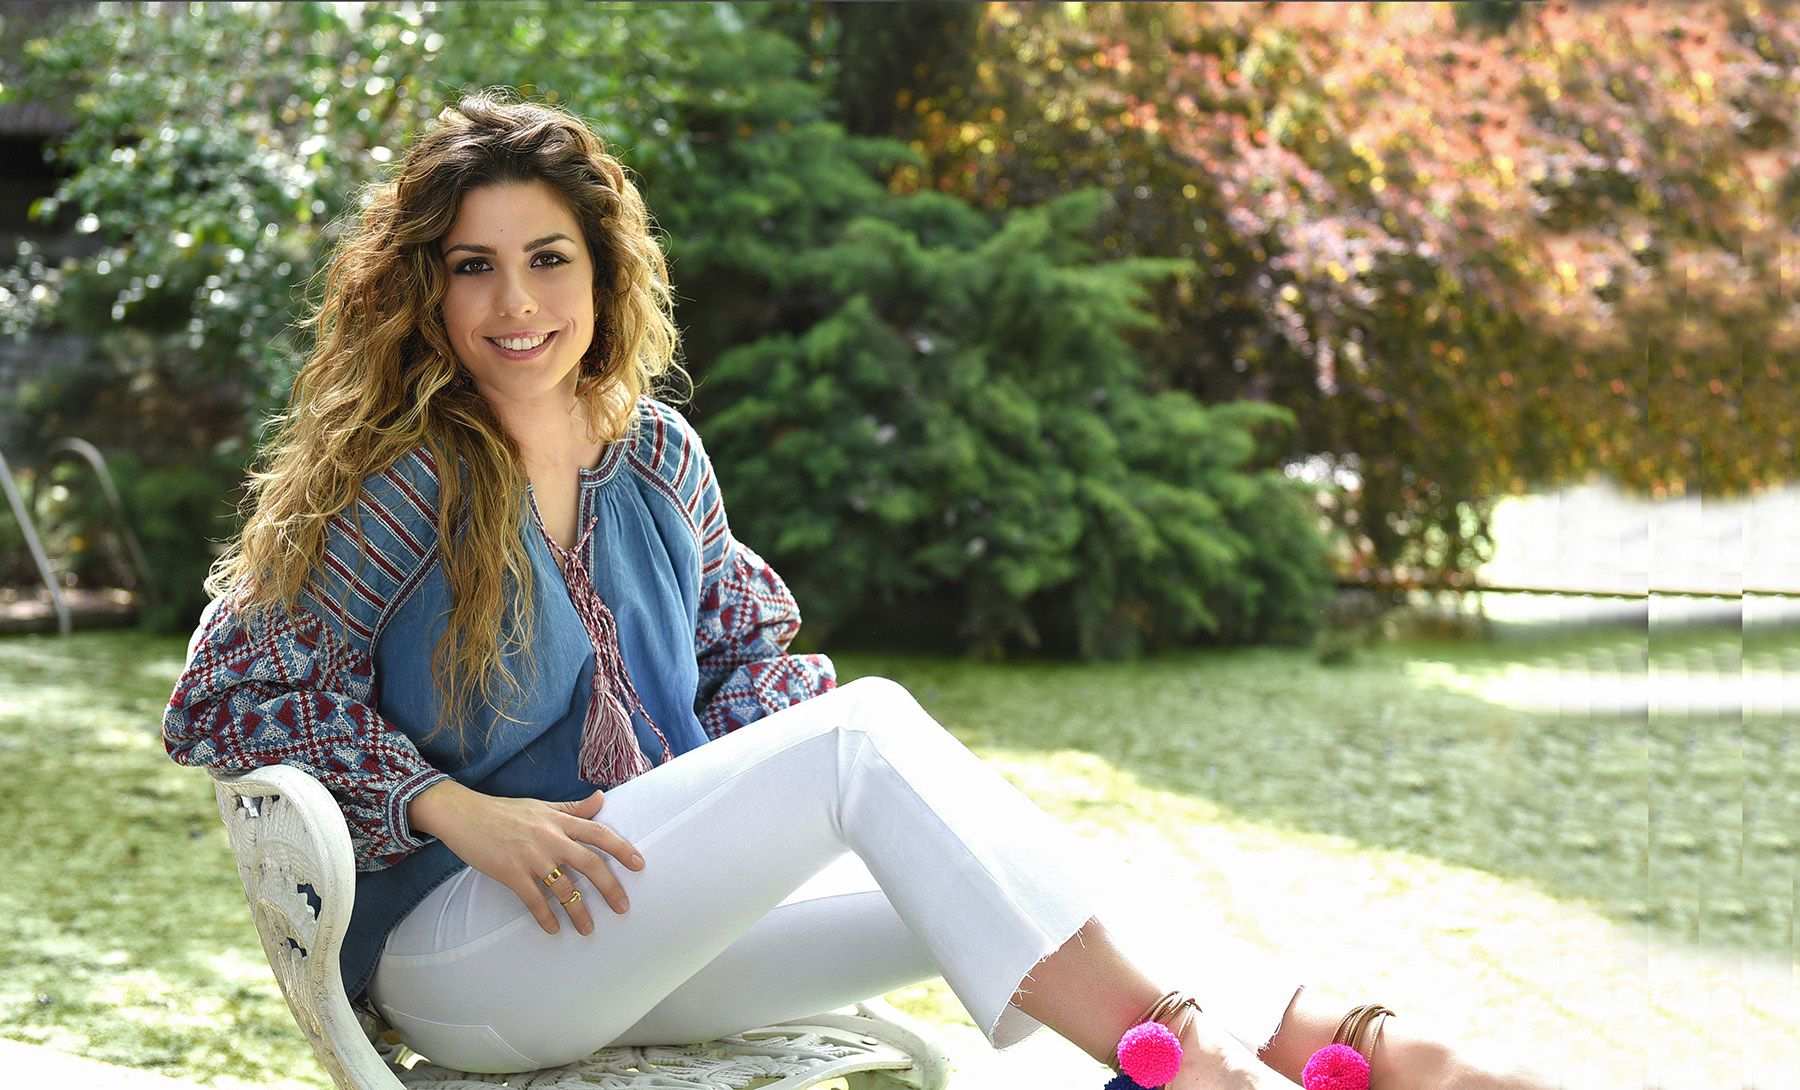 Modelo Minutos Diez Miriam Rodríguez Para u13TFcJKl